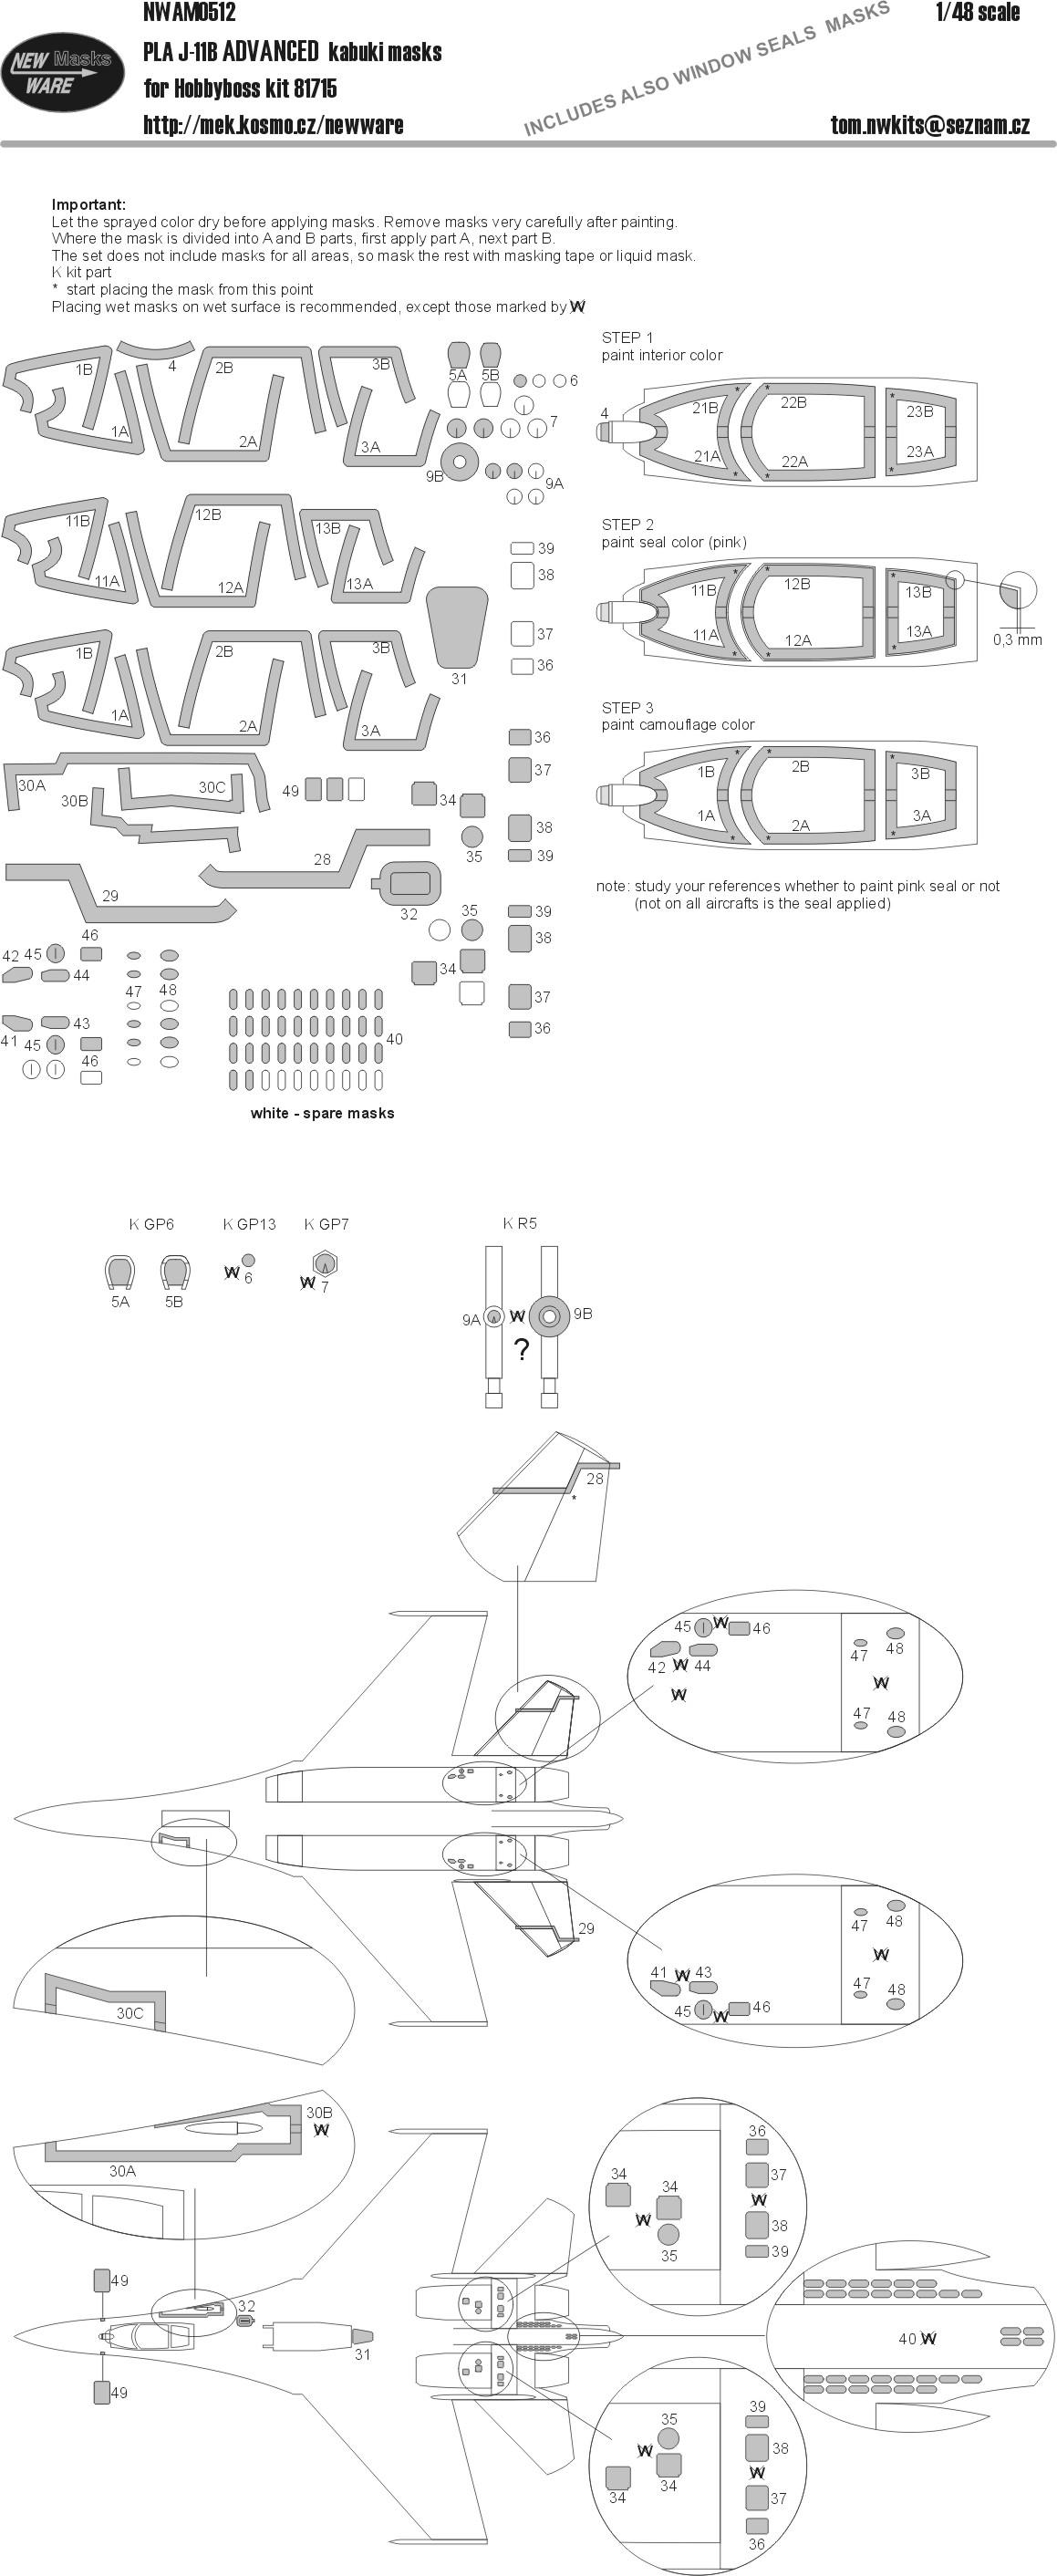 NWAM0512